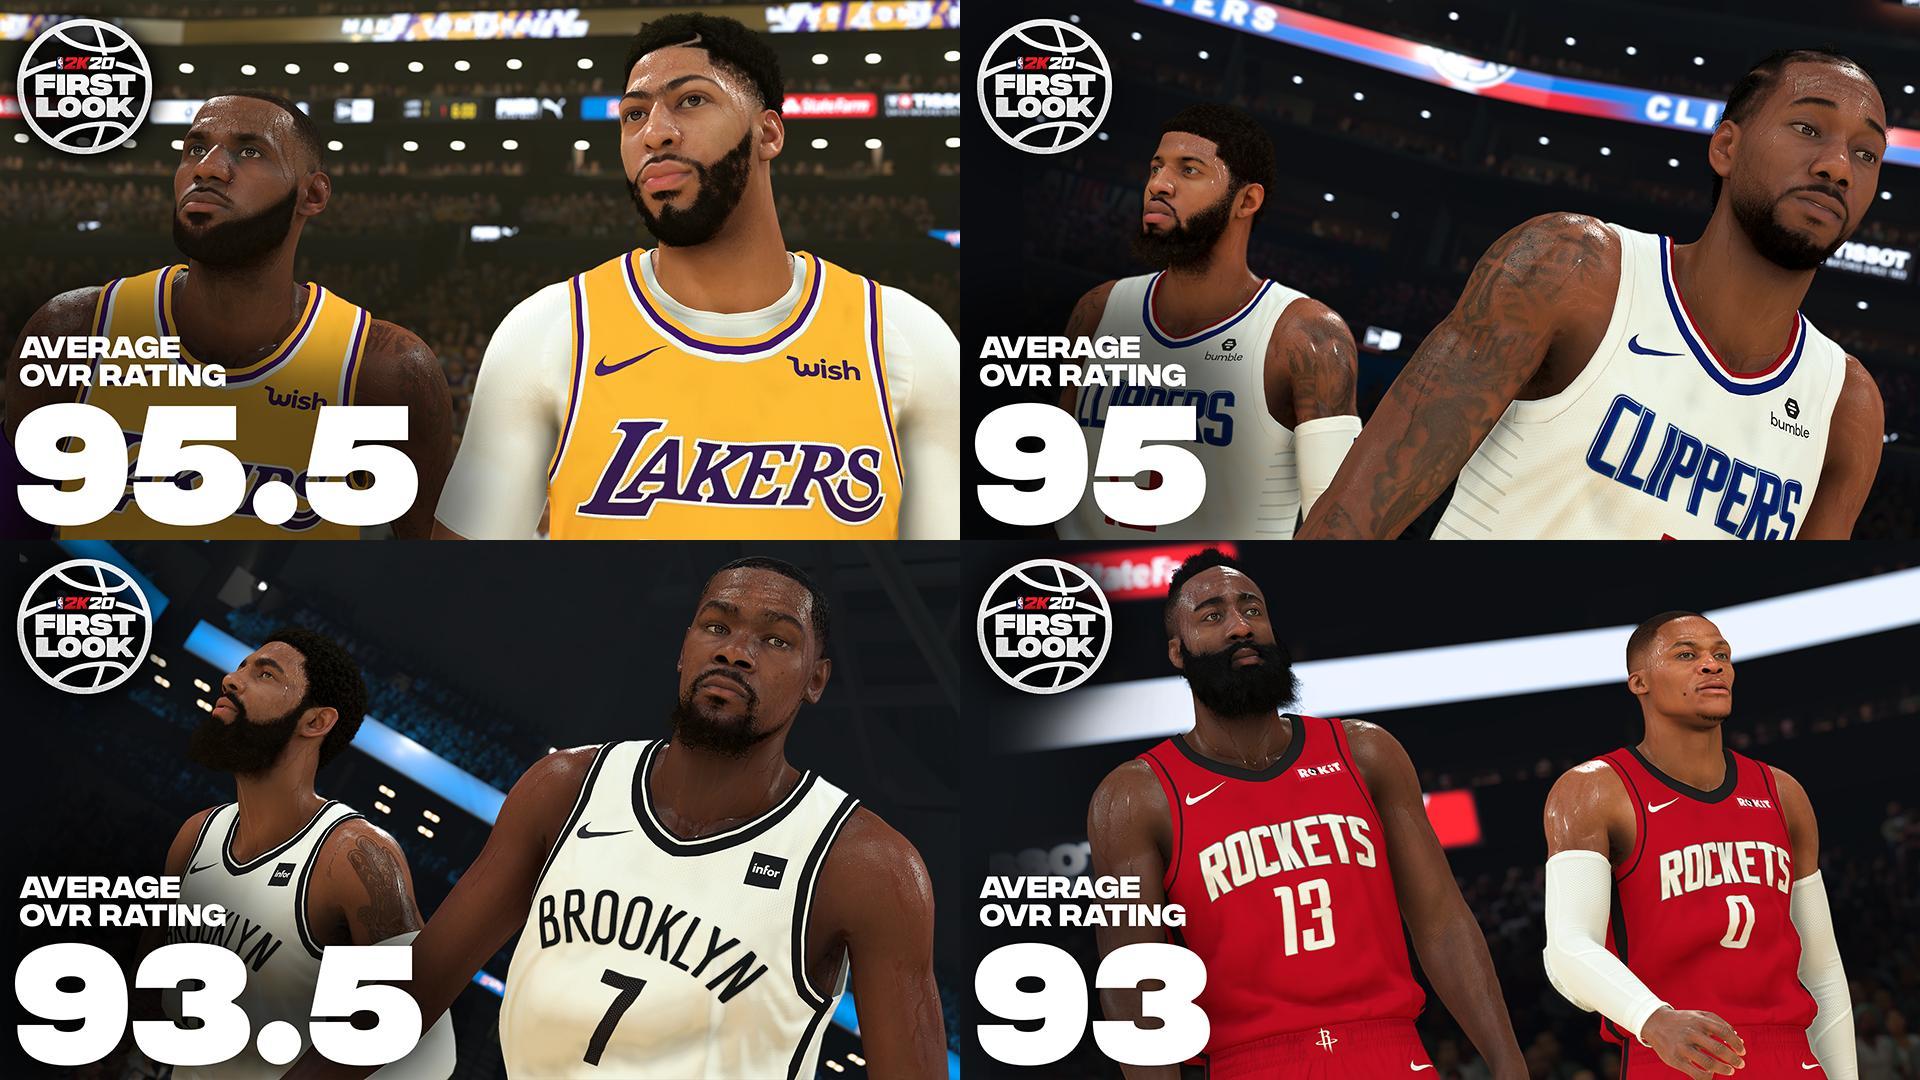 Ratings de NBA 2K20: LeBron e Kawhi são os melhores 2